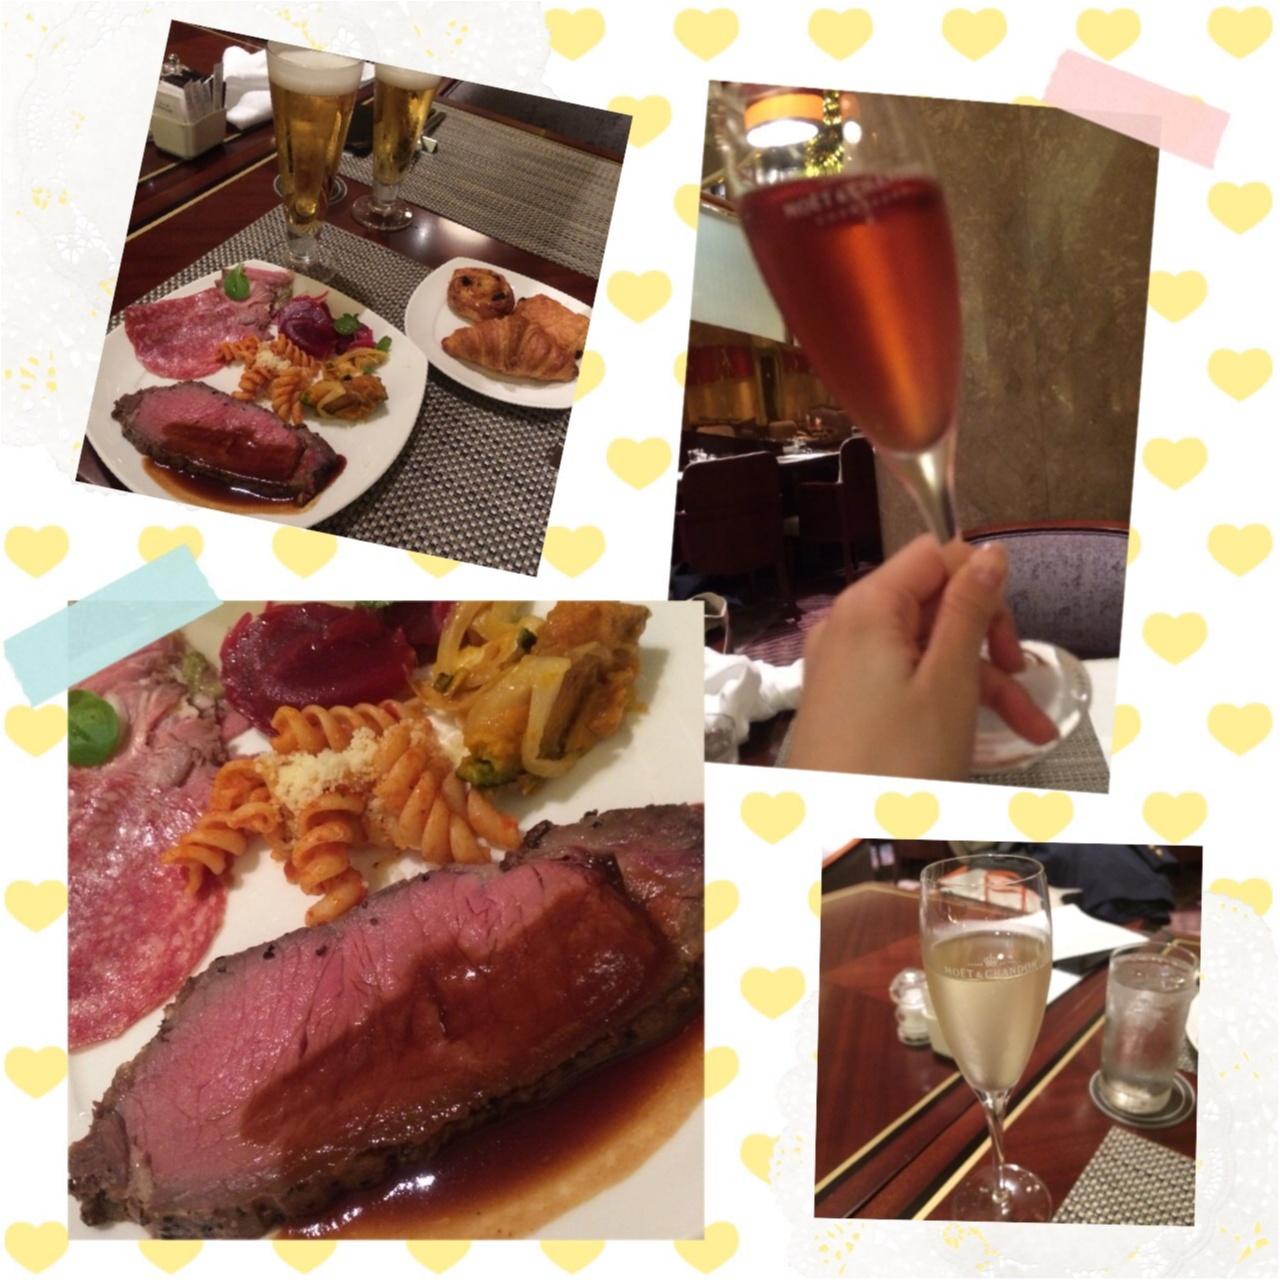 ヒルトン東京 マーブルラウンジのランチビュッフェが豪華でオシャレ♡_3